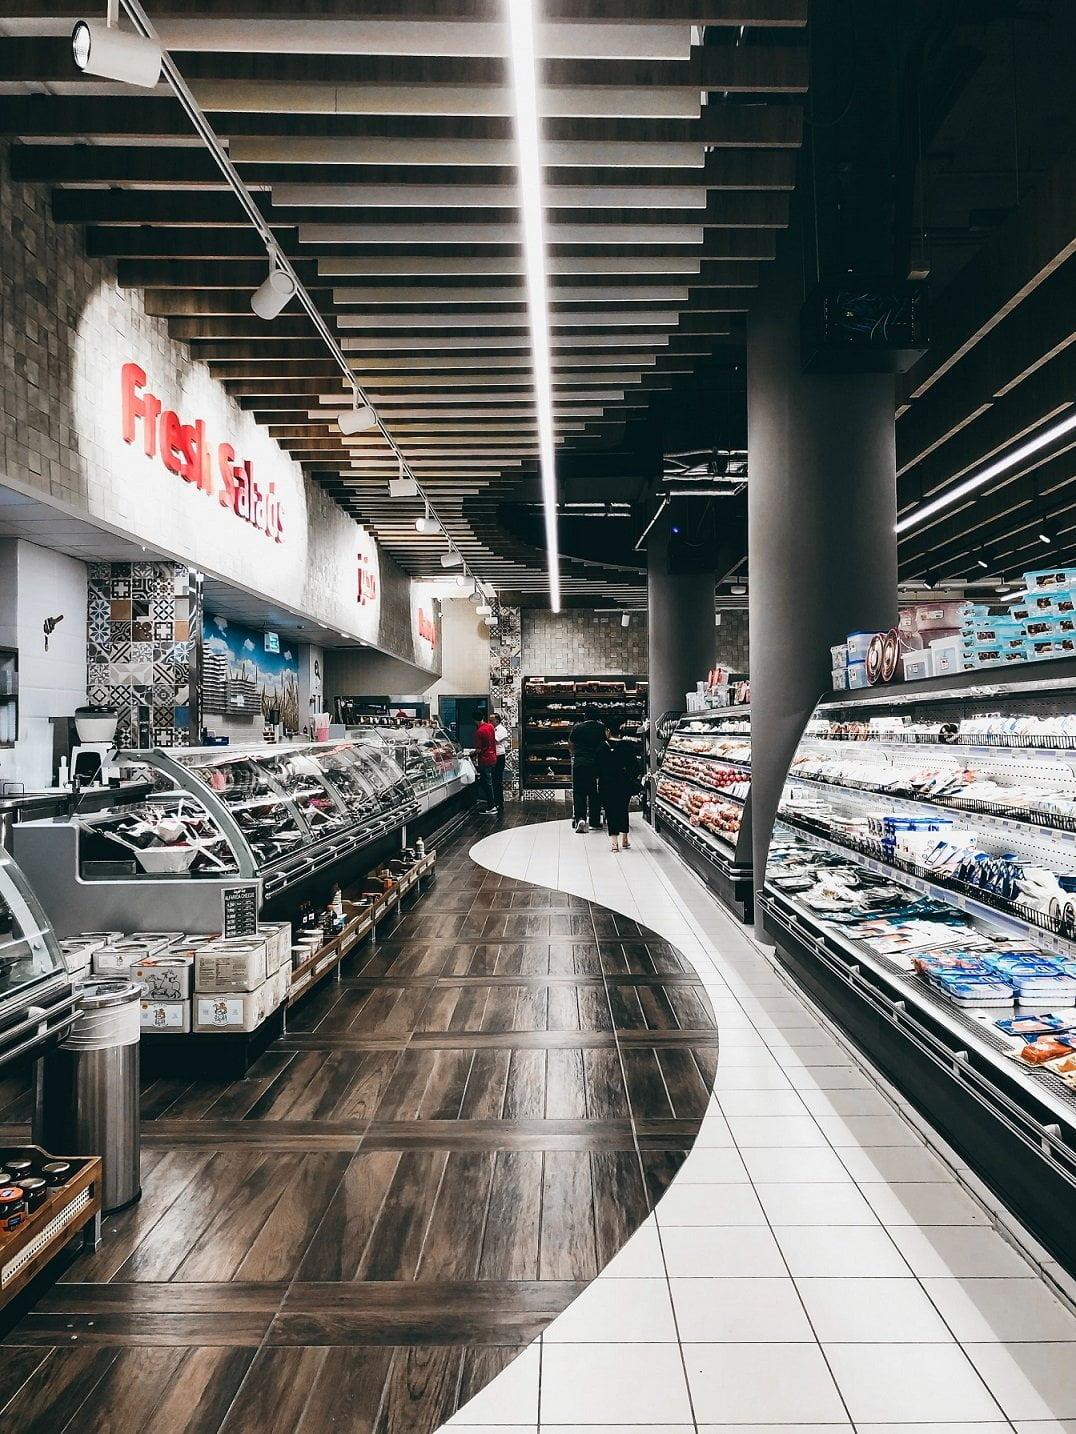 Supermarket deli